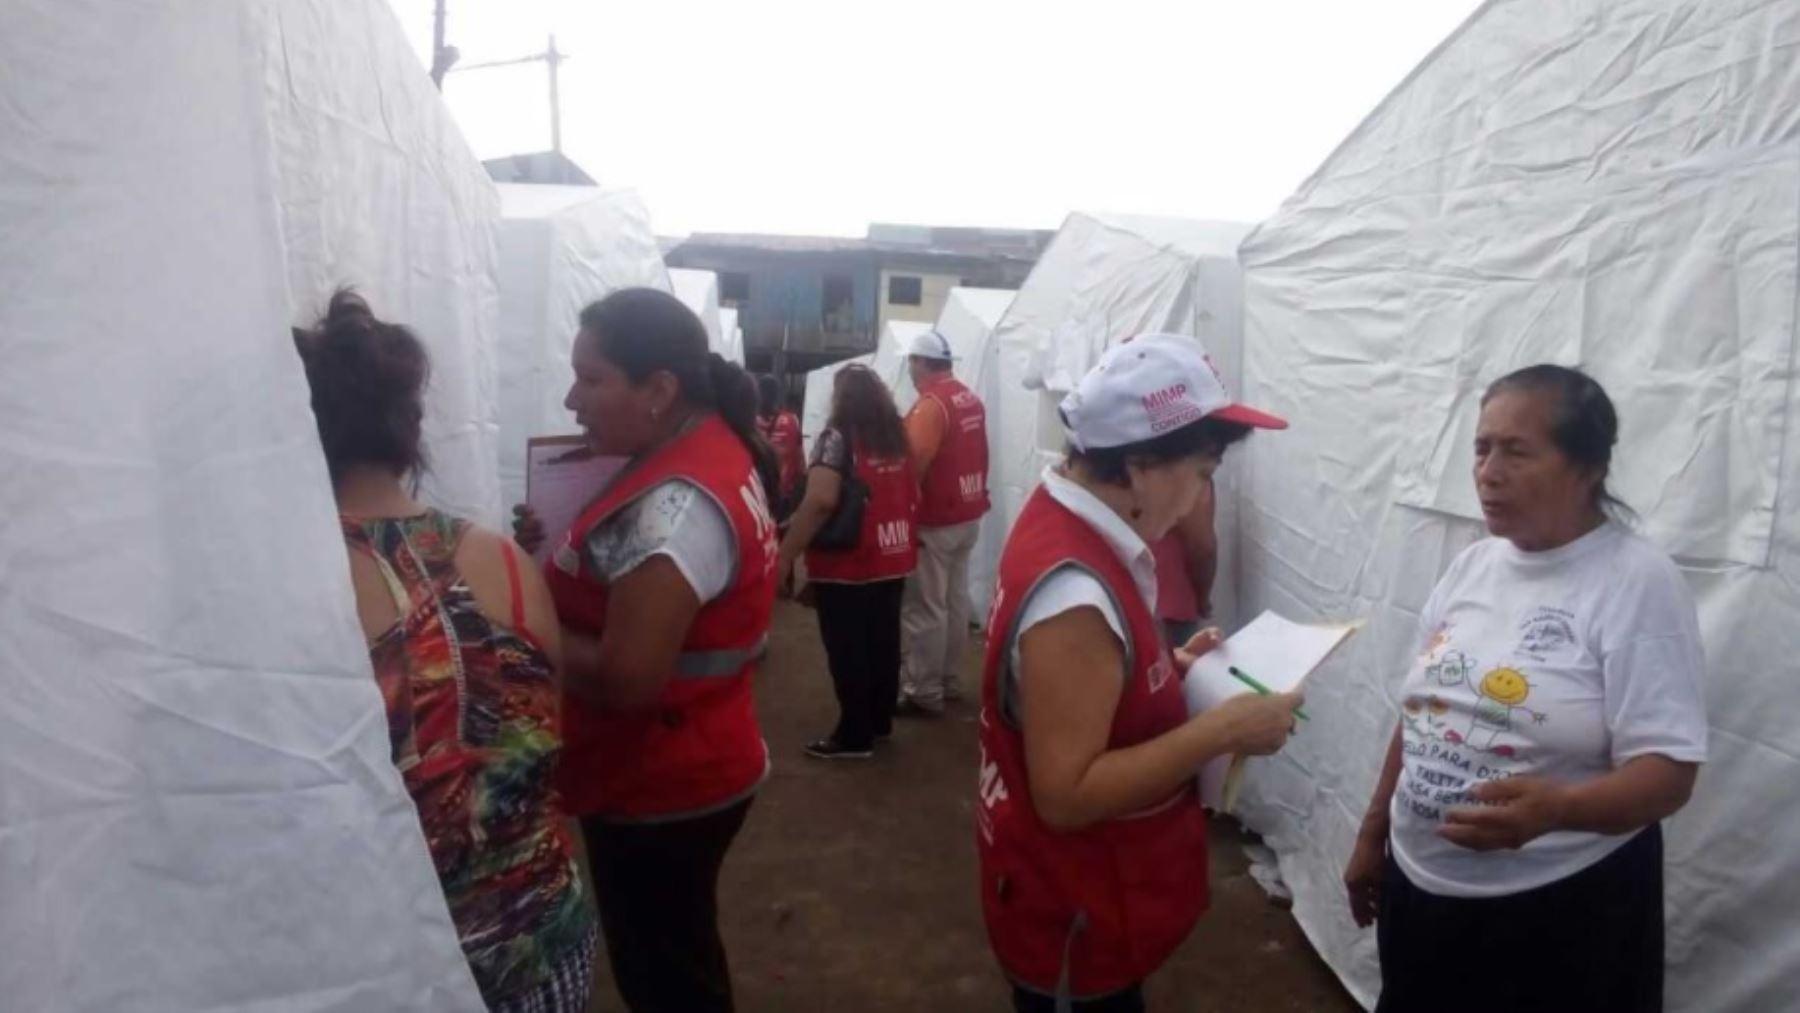 MIMP realiza campaña para prevenir violencia familiar en campamento de damnificados por incendio en Iquitos